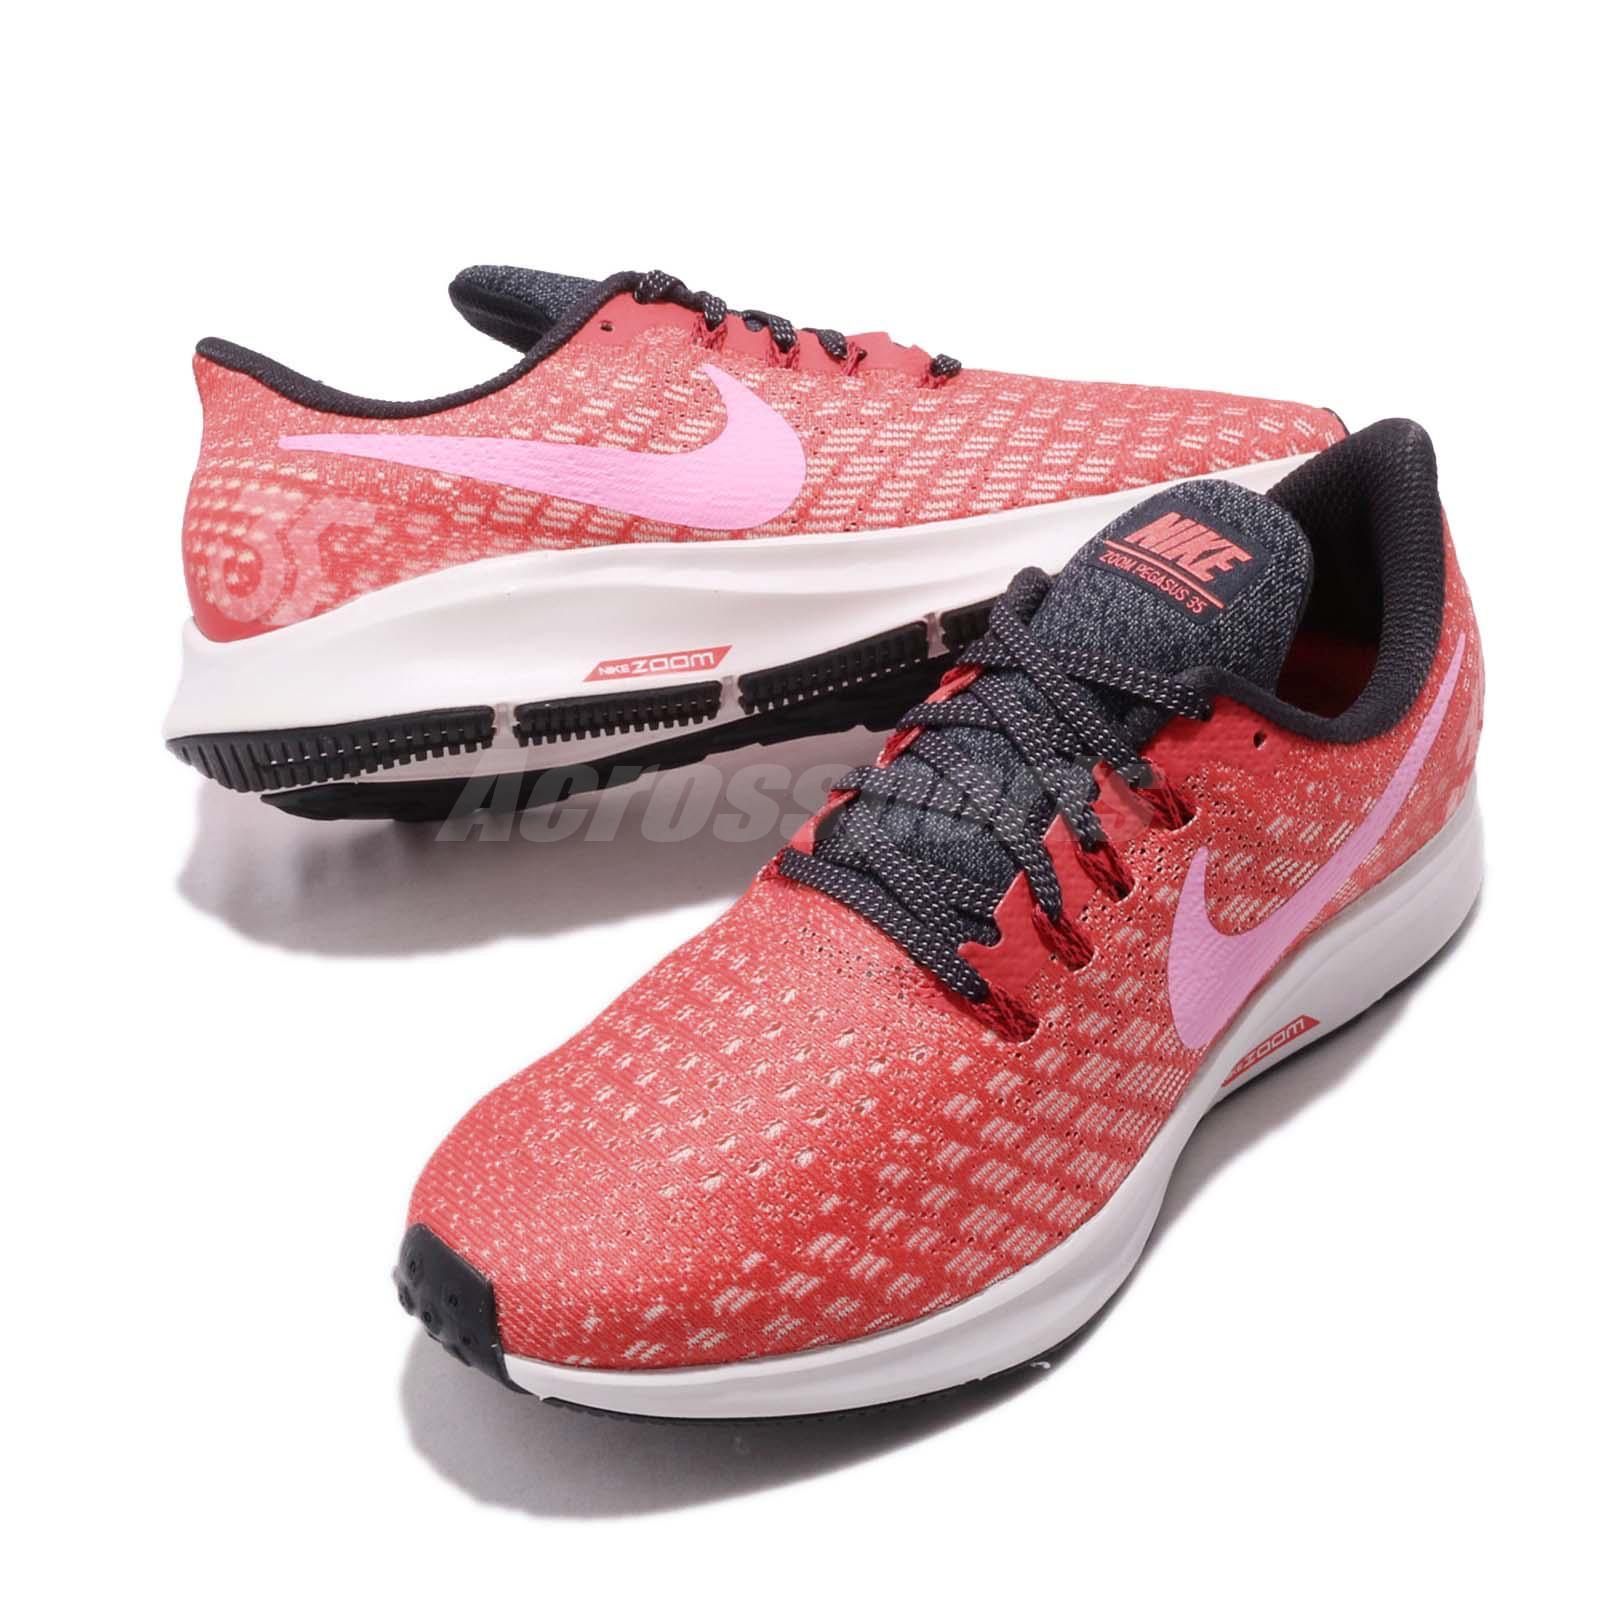 552c30ab58991 Nike Wmns Air Zoom Pegasus 35 Ember Glow Red Pink Womens Running ...